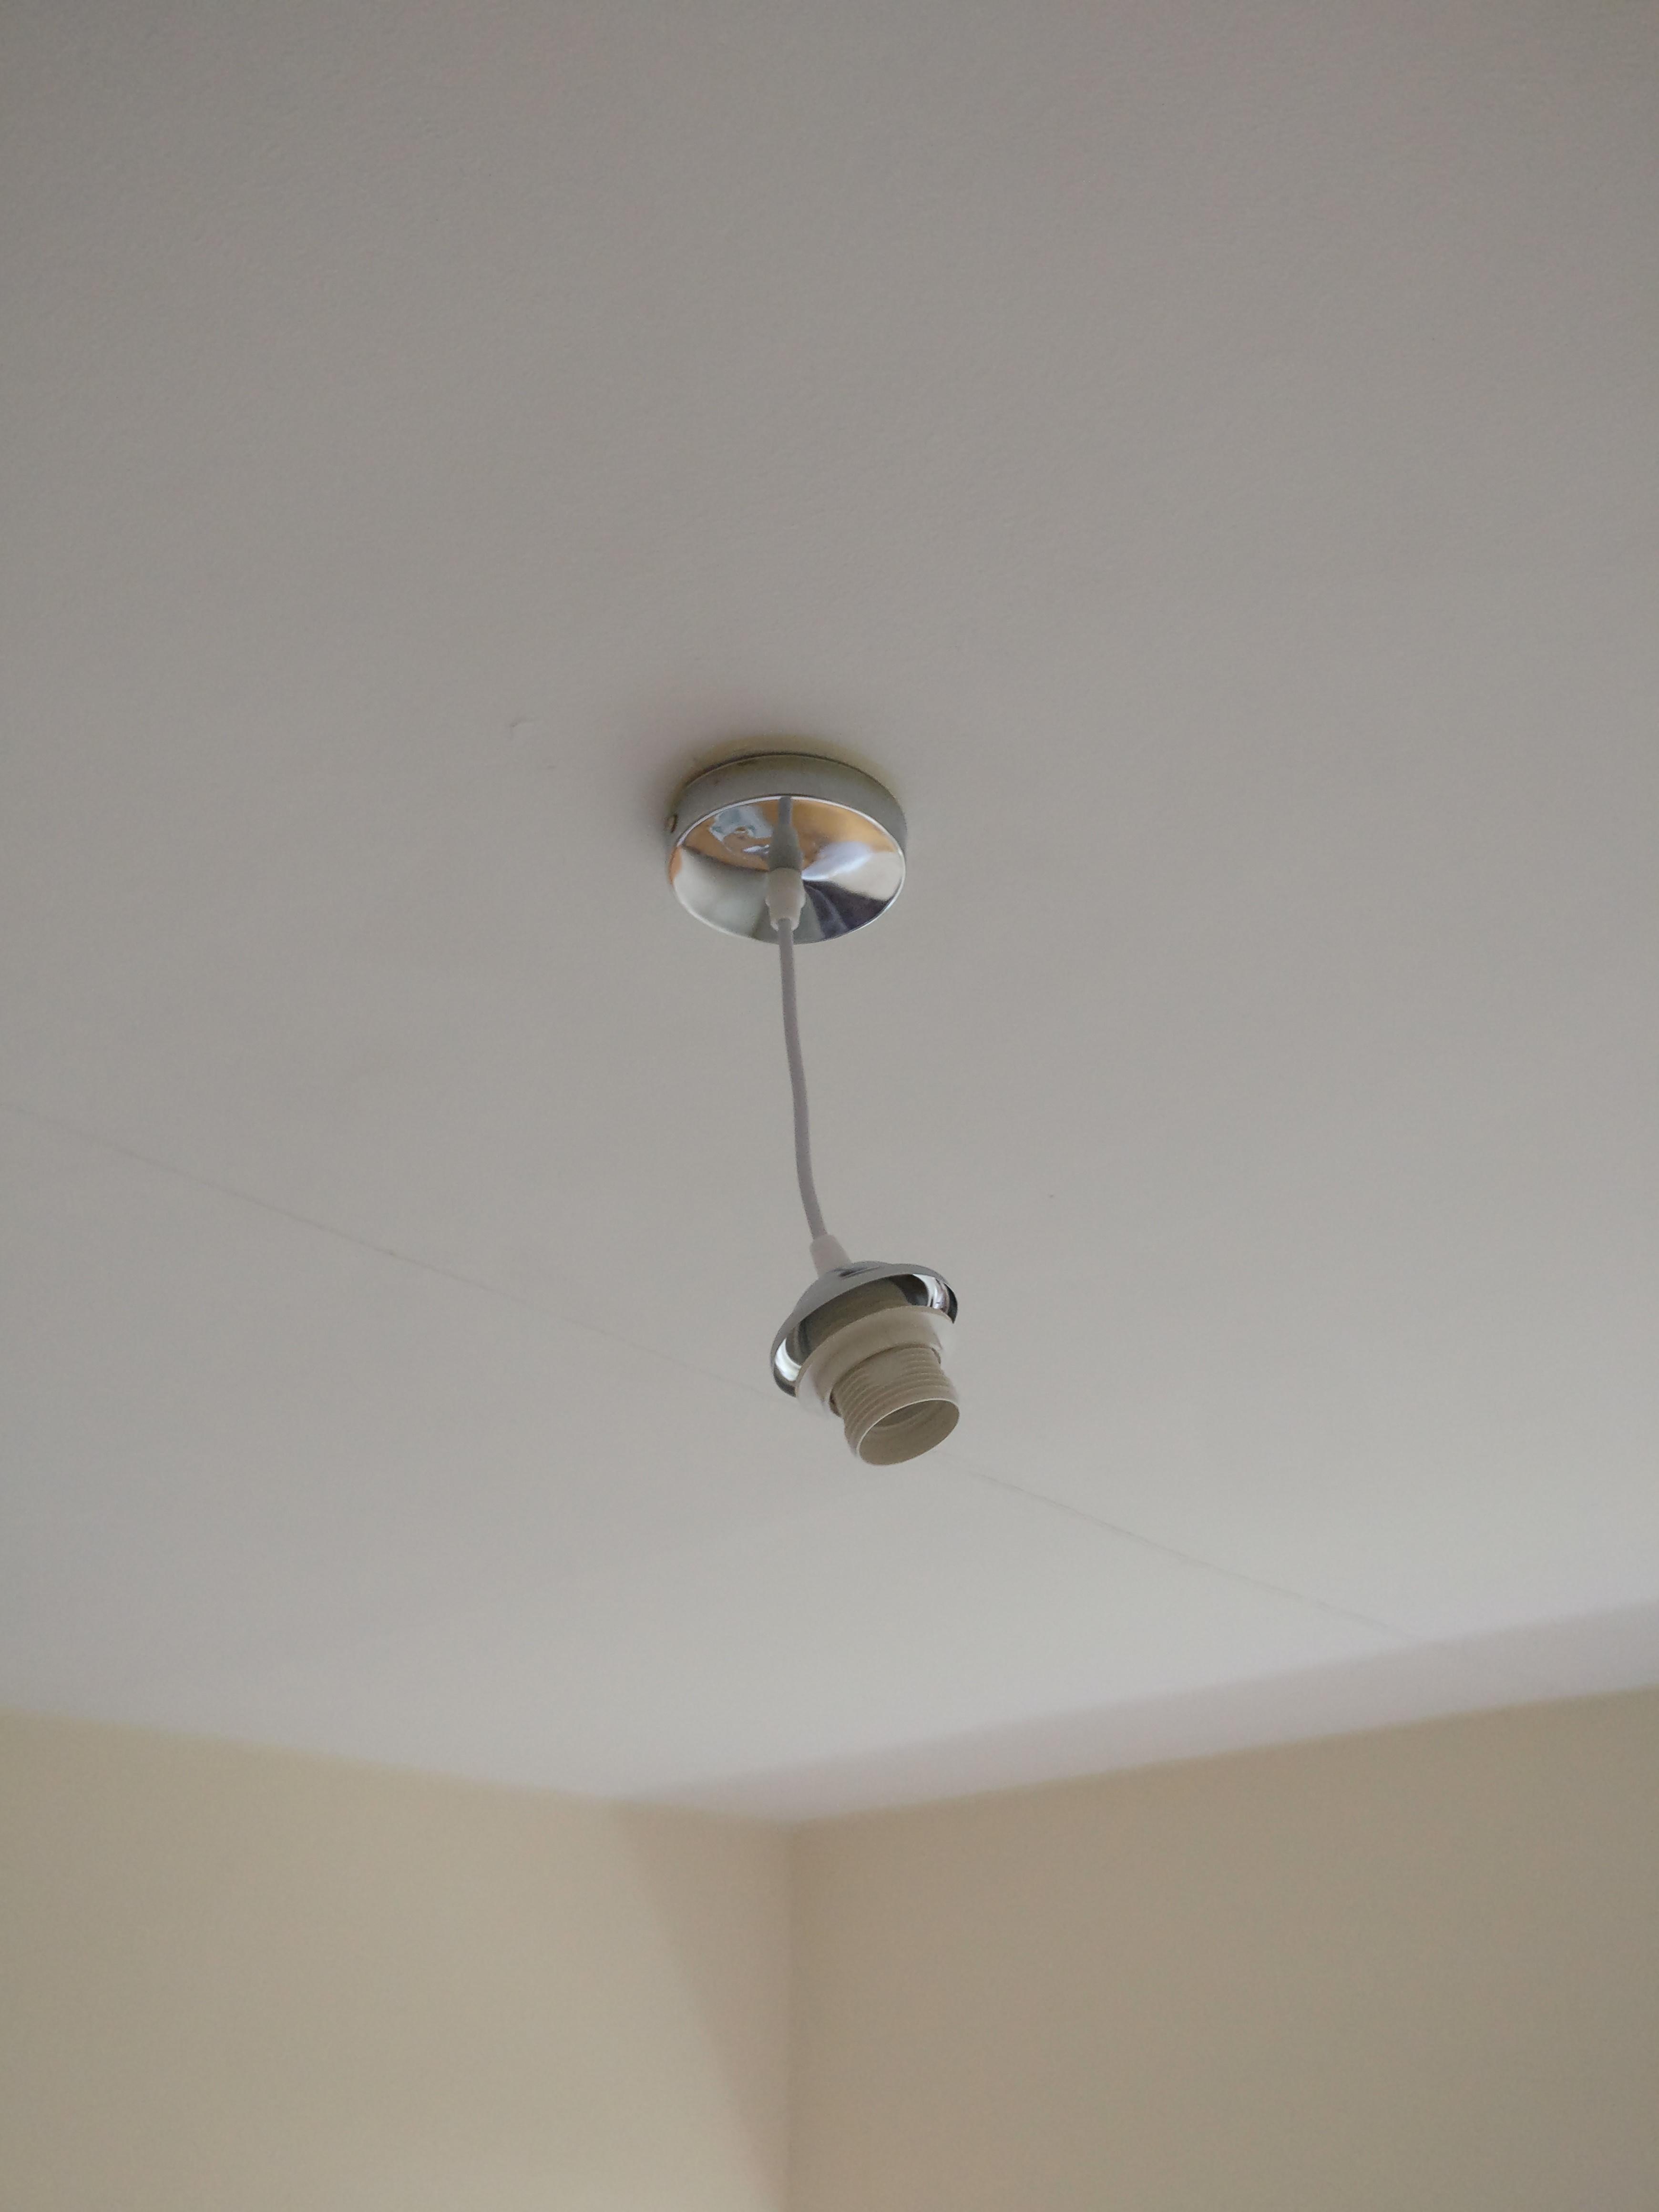 Dangling Lamp